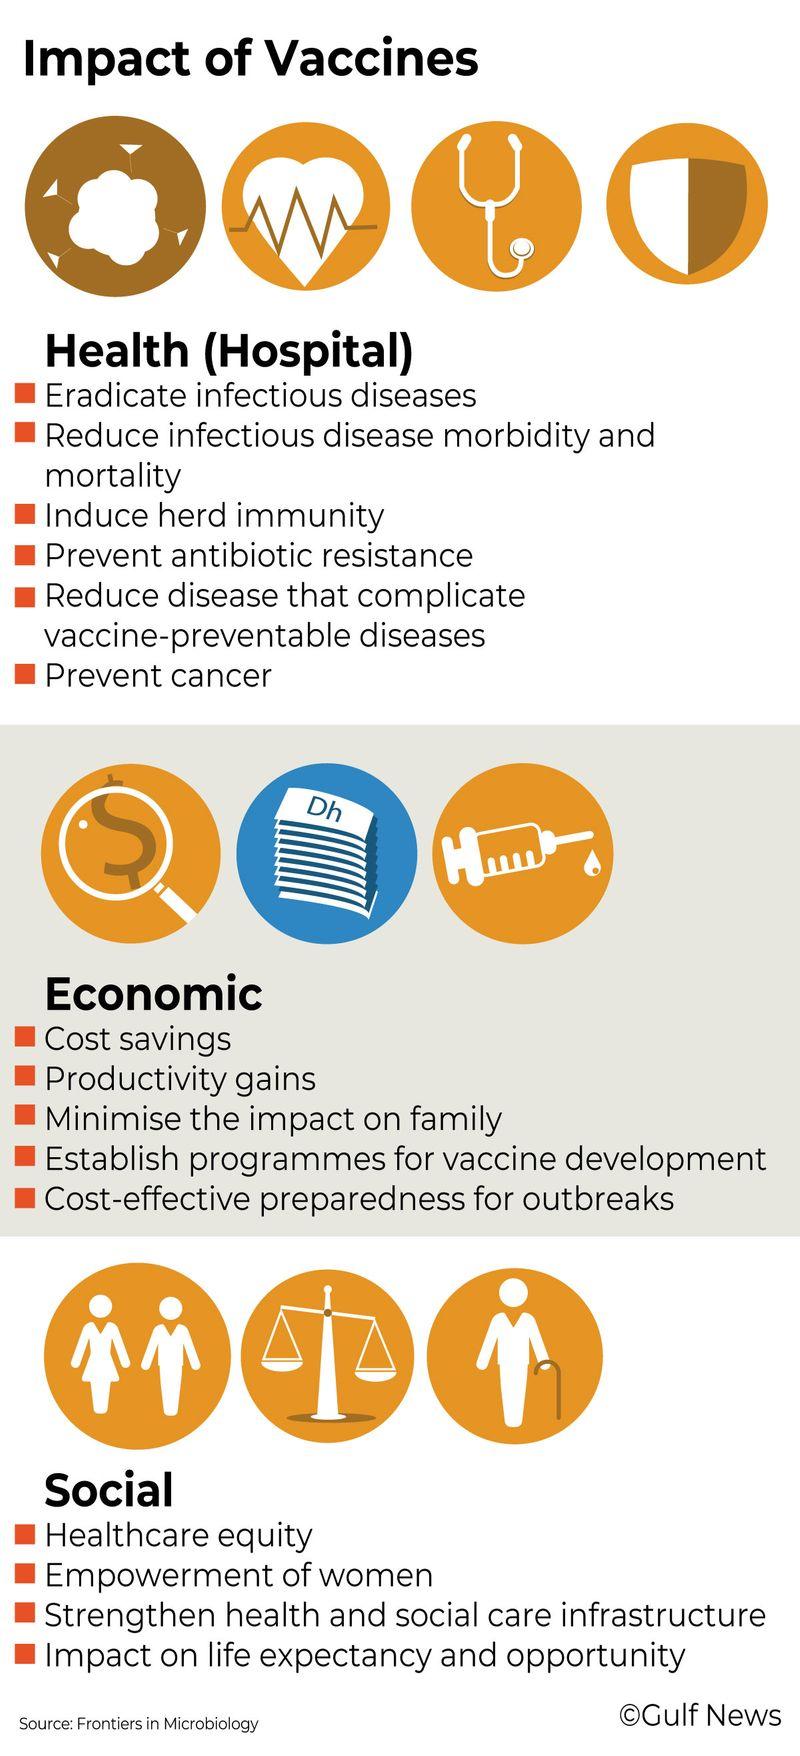 Vaccine economic benefits